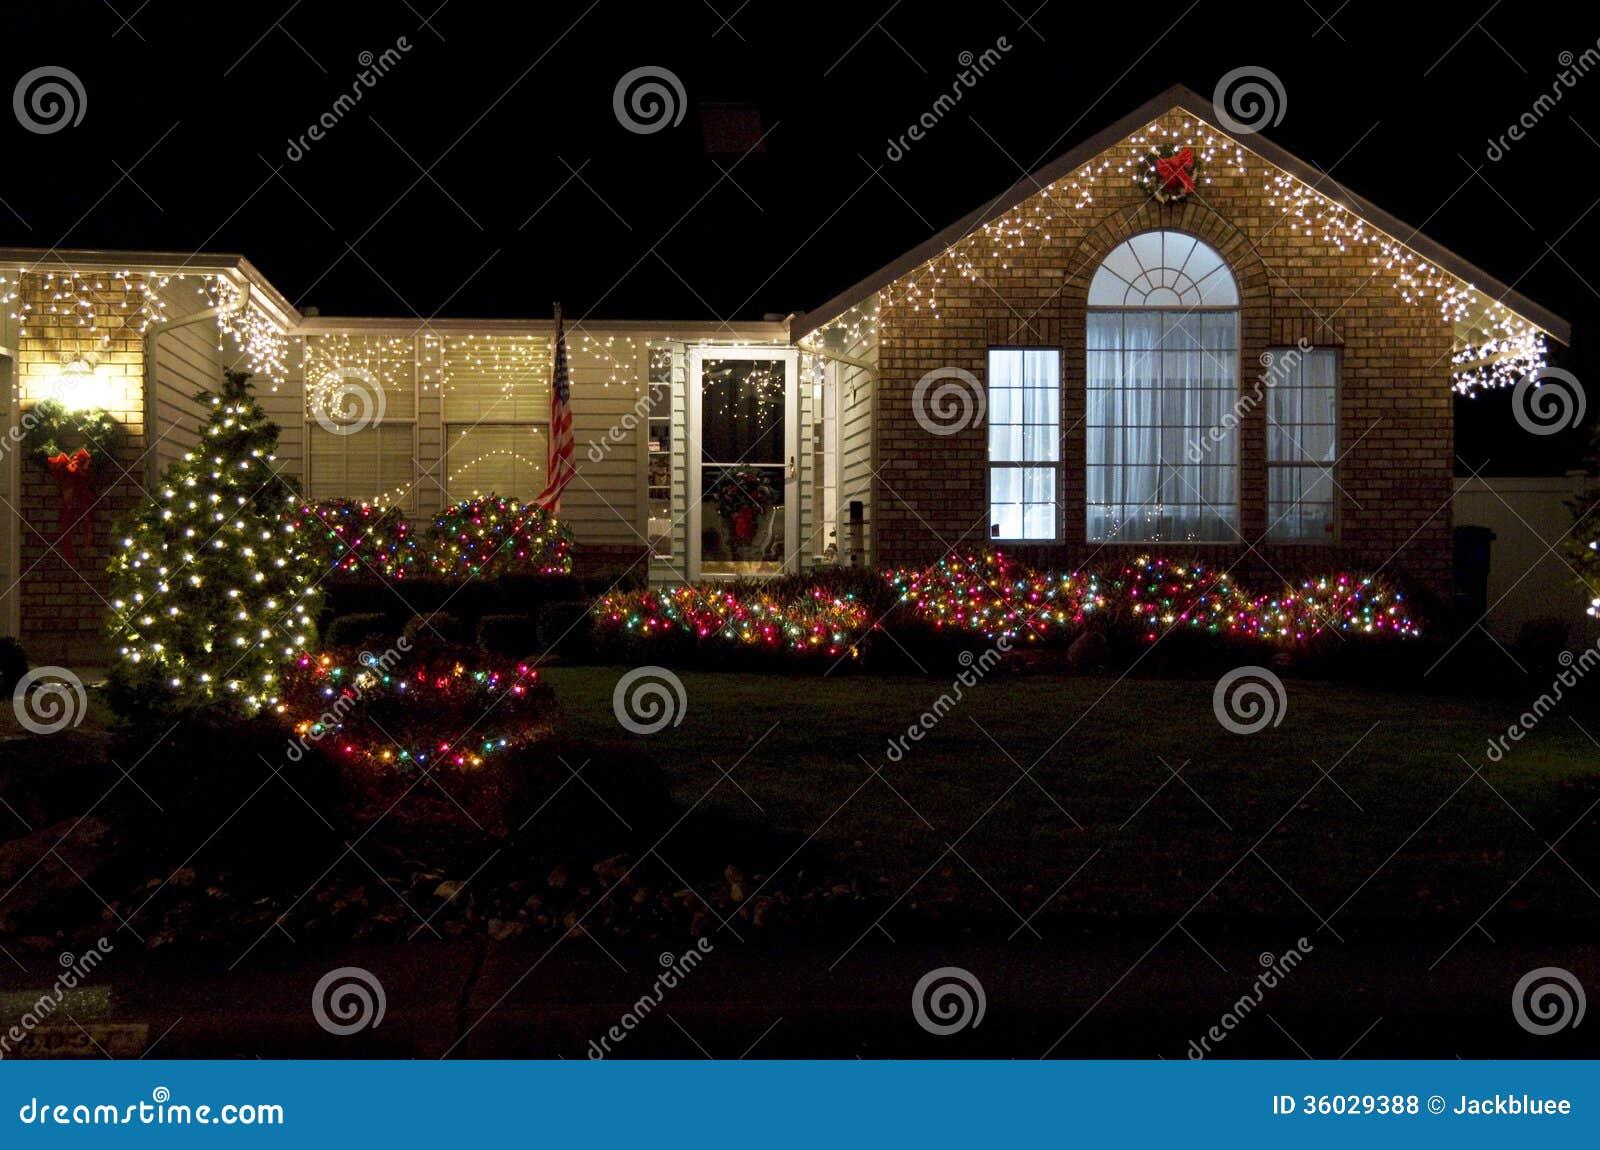 Beautiful Home House Christmas Lights Lighting Royalty